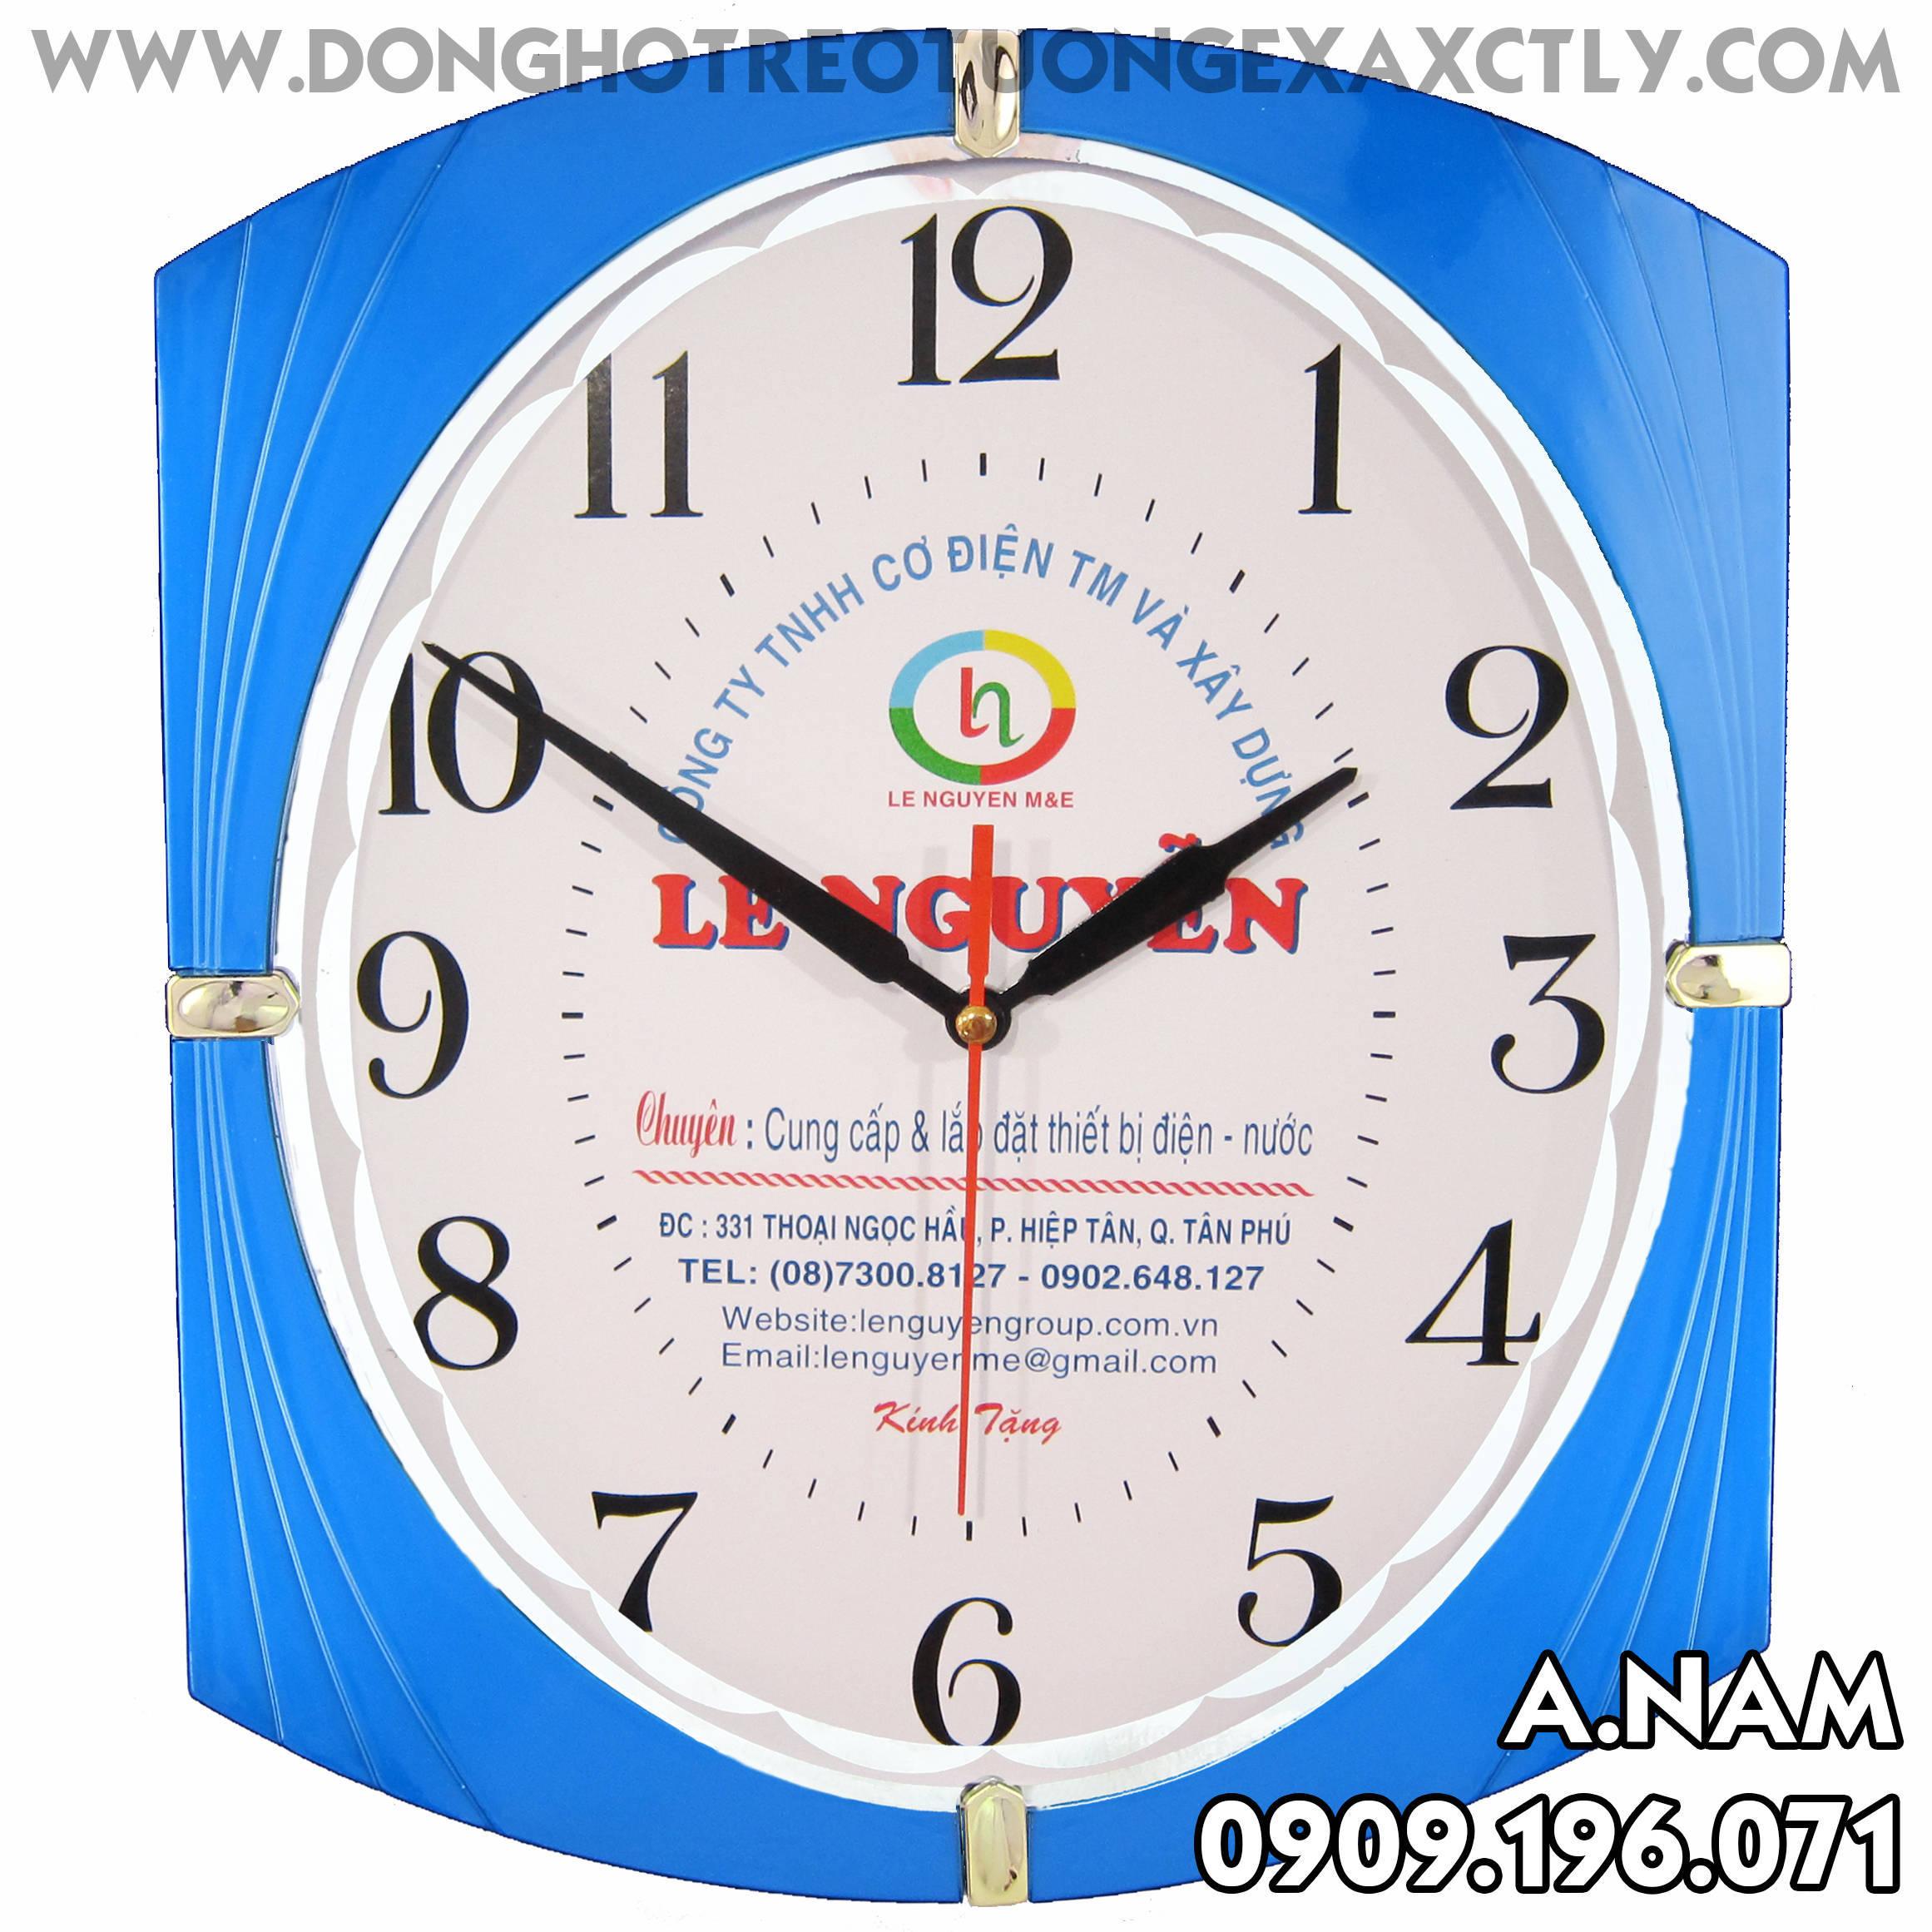 đồng hồ treo tường công ty cơ điện và xây dựng lê nguyễn